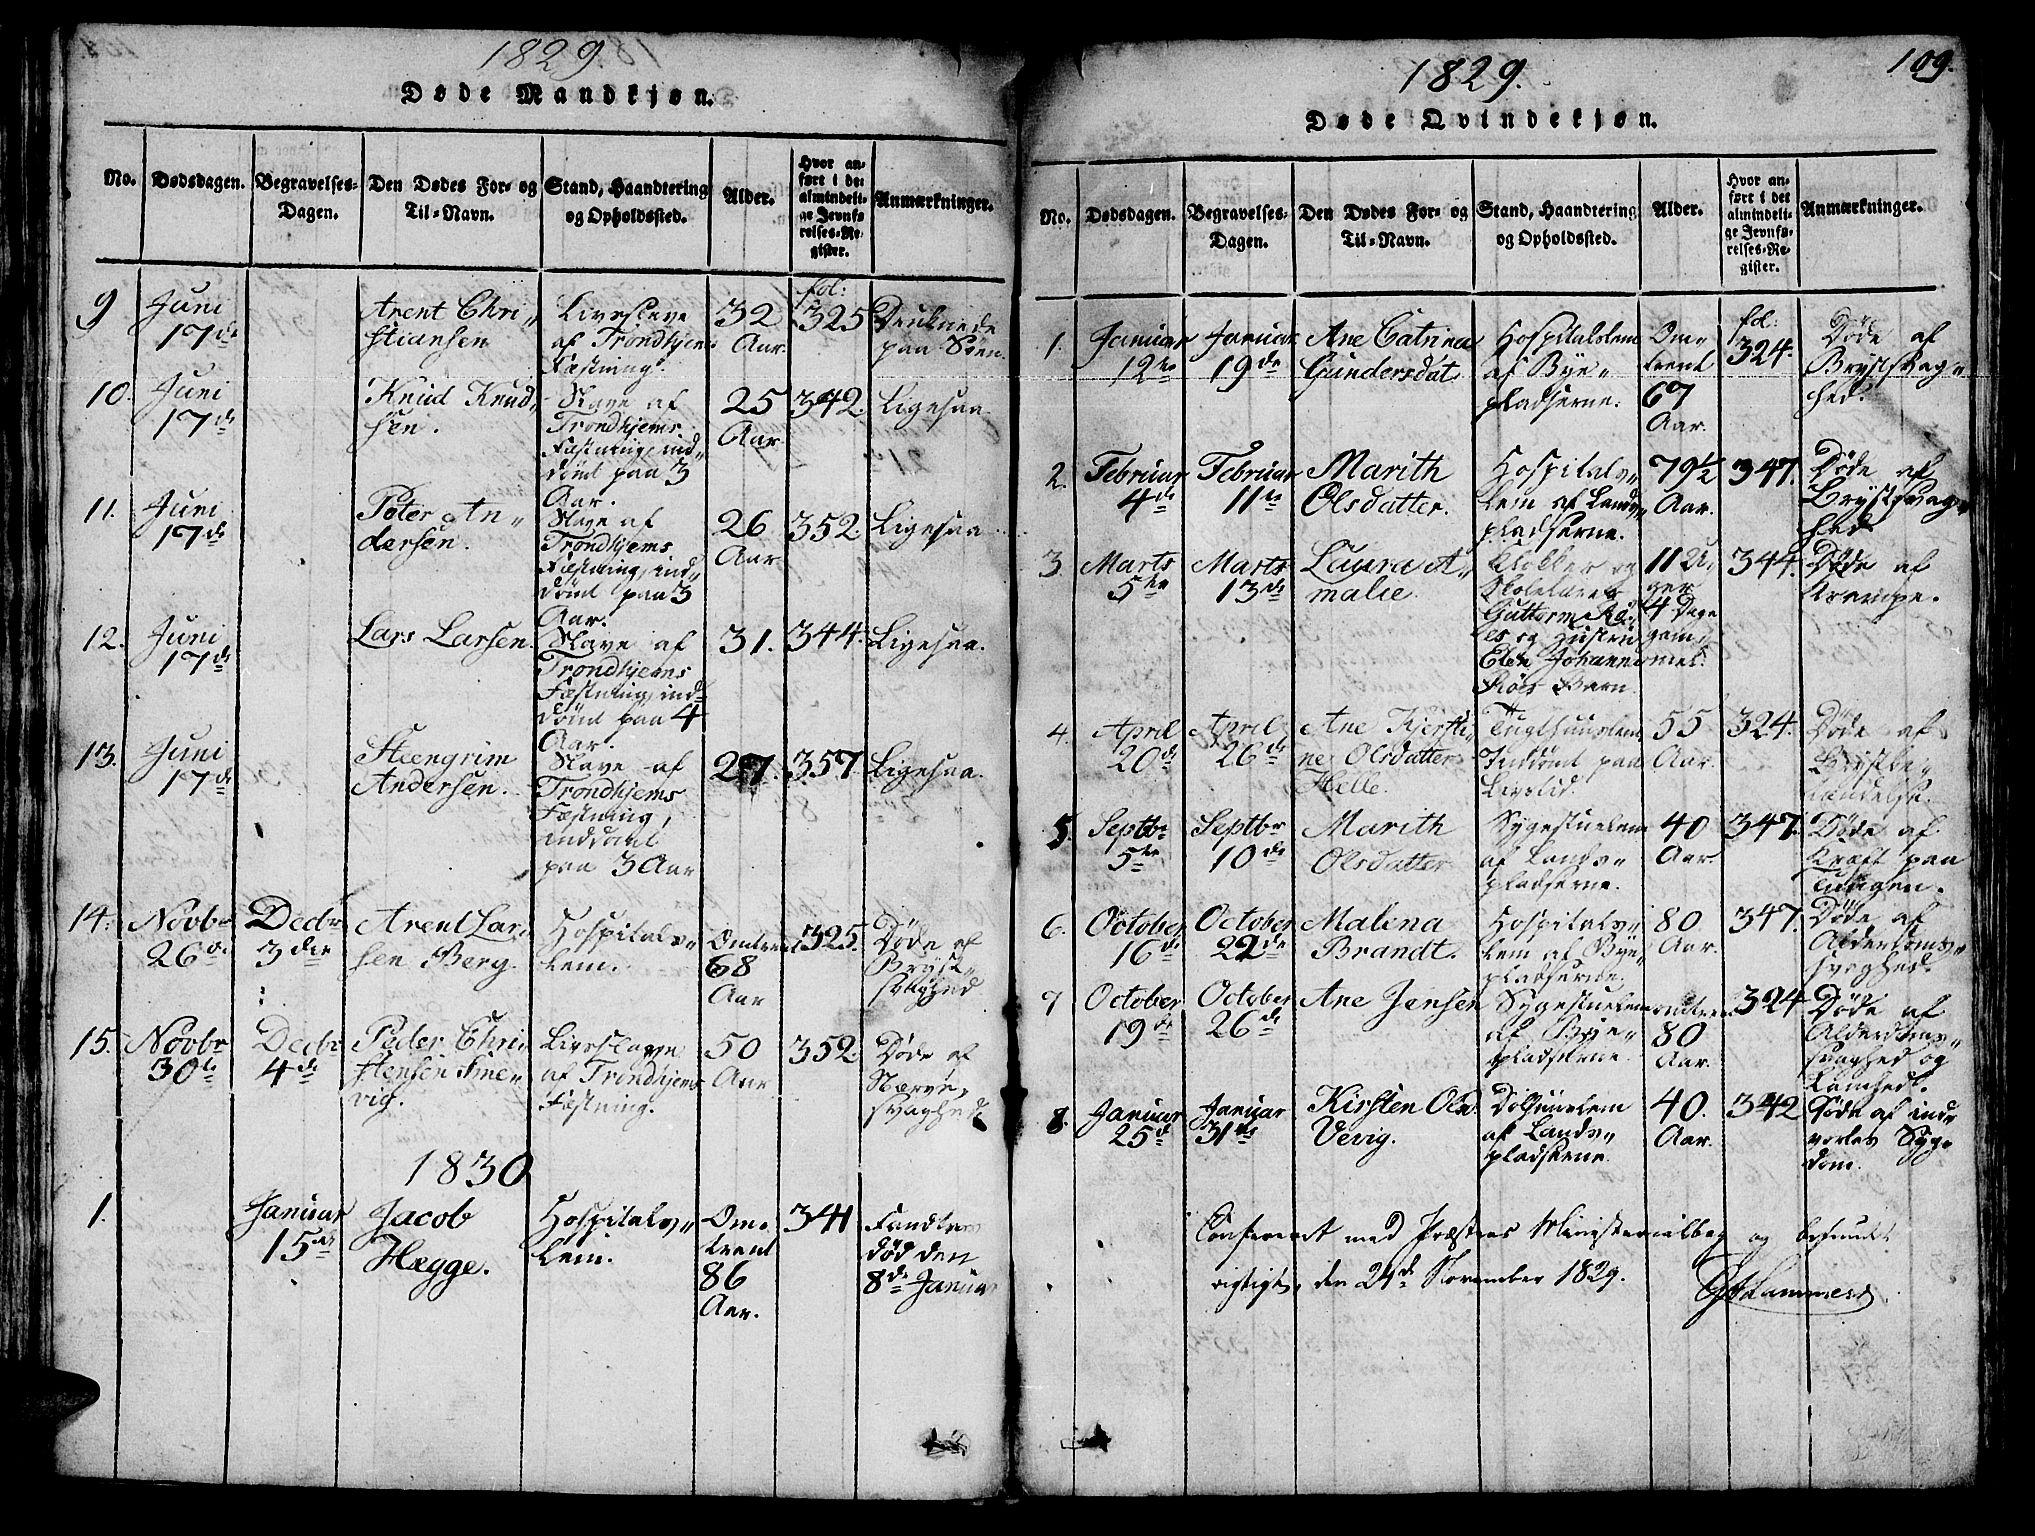 SAT, Ministerialprotokoller, klokkerbøker og fødselsregistre - Sør-Trøndelag, 623/L0478: Klokkerbok nr. 623C01, 1815-1873, s. 109